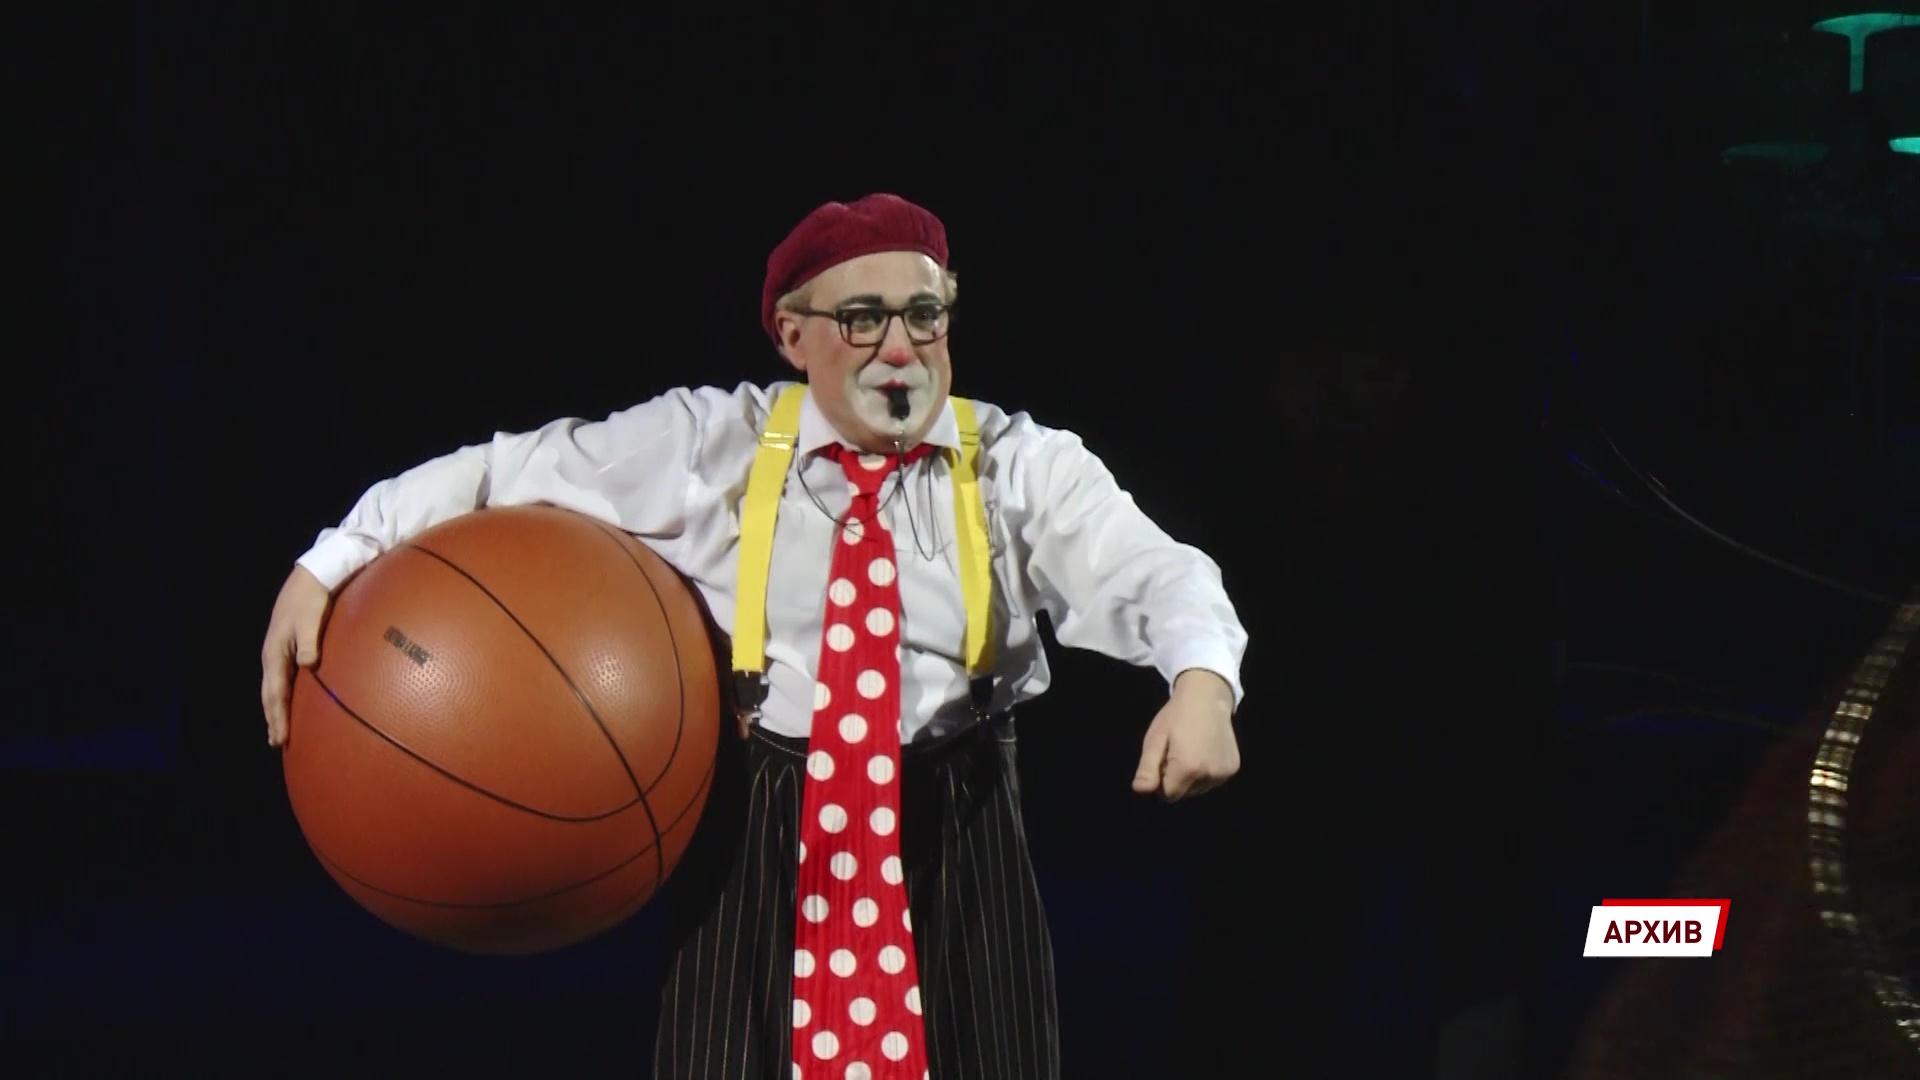 «Это смелые под куполом прыжки»: артисты цирка отметили профессиональный праздник